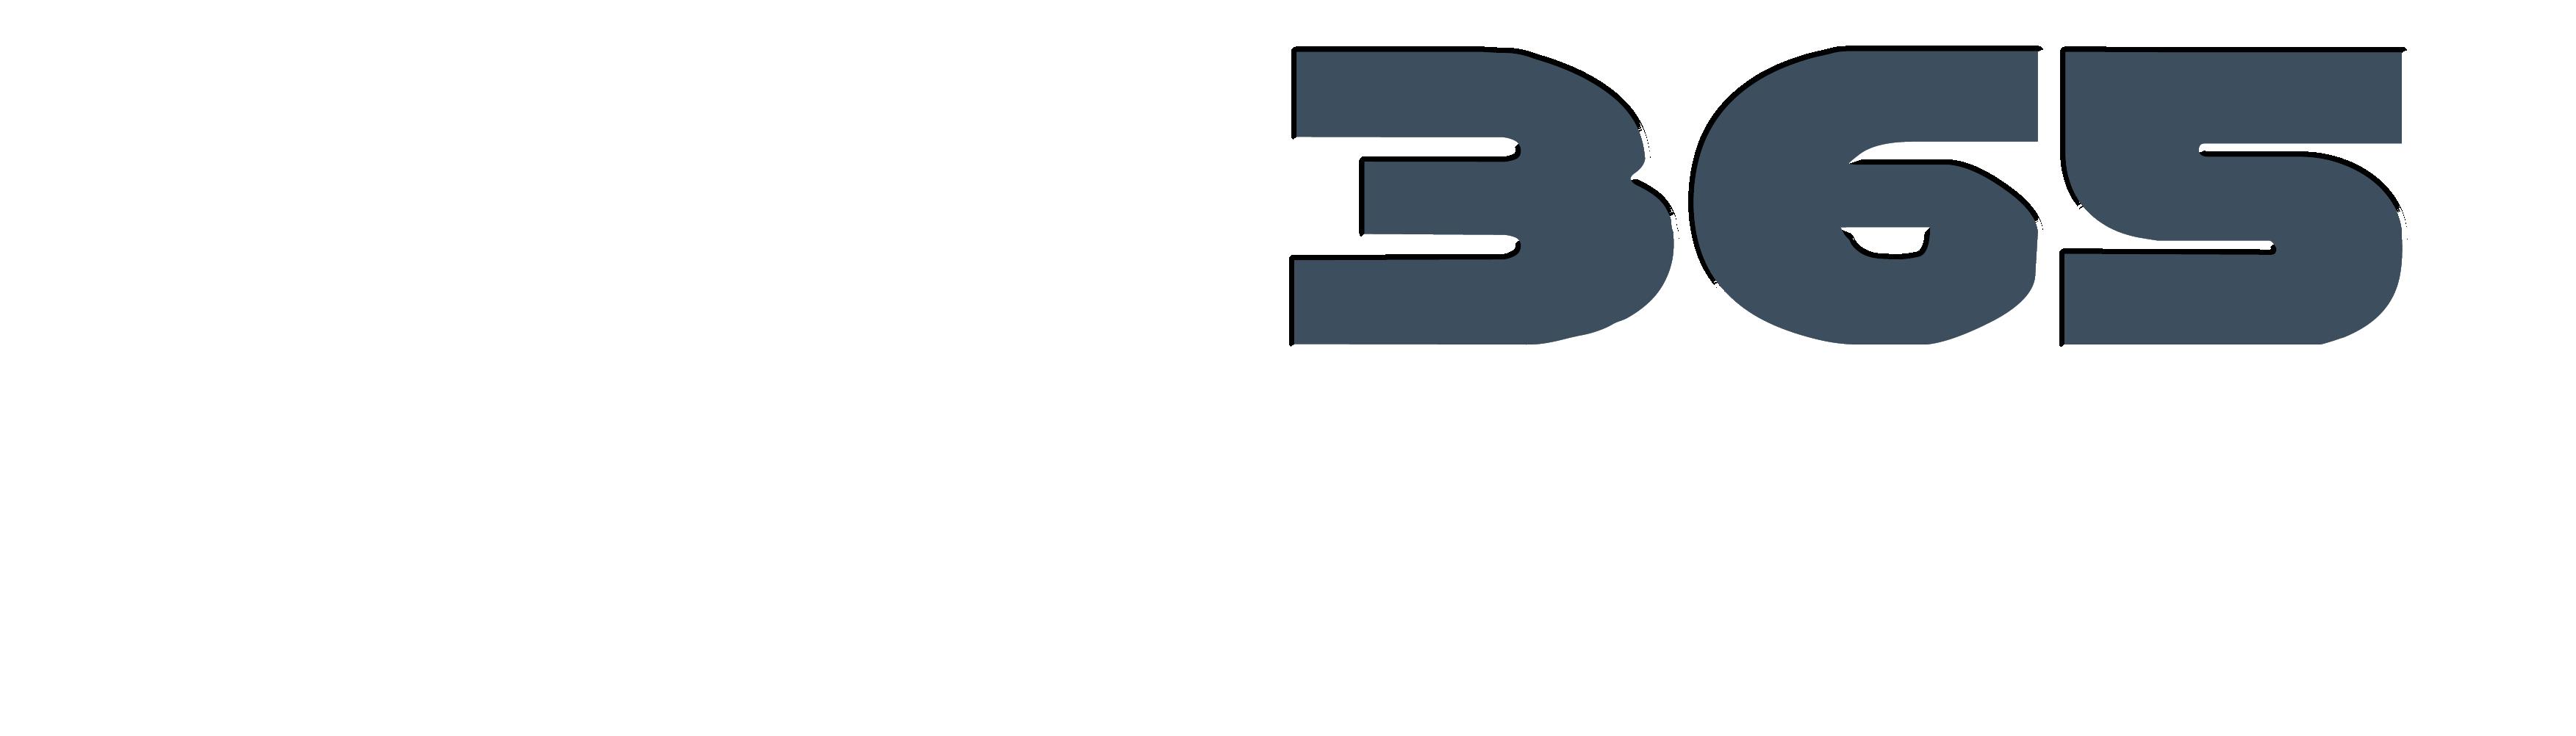 365Sharon